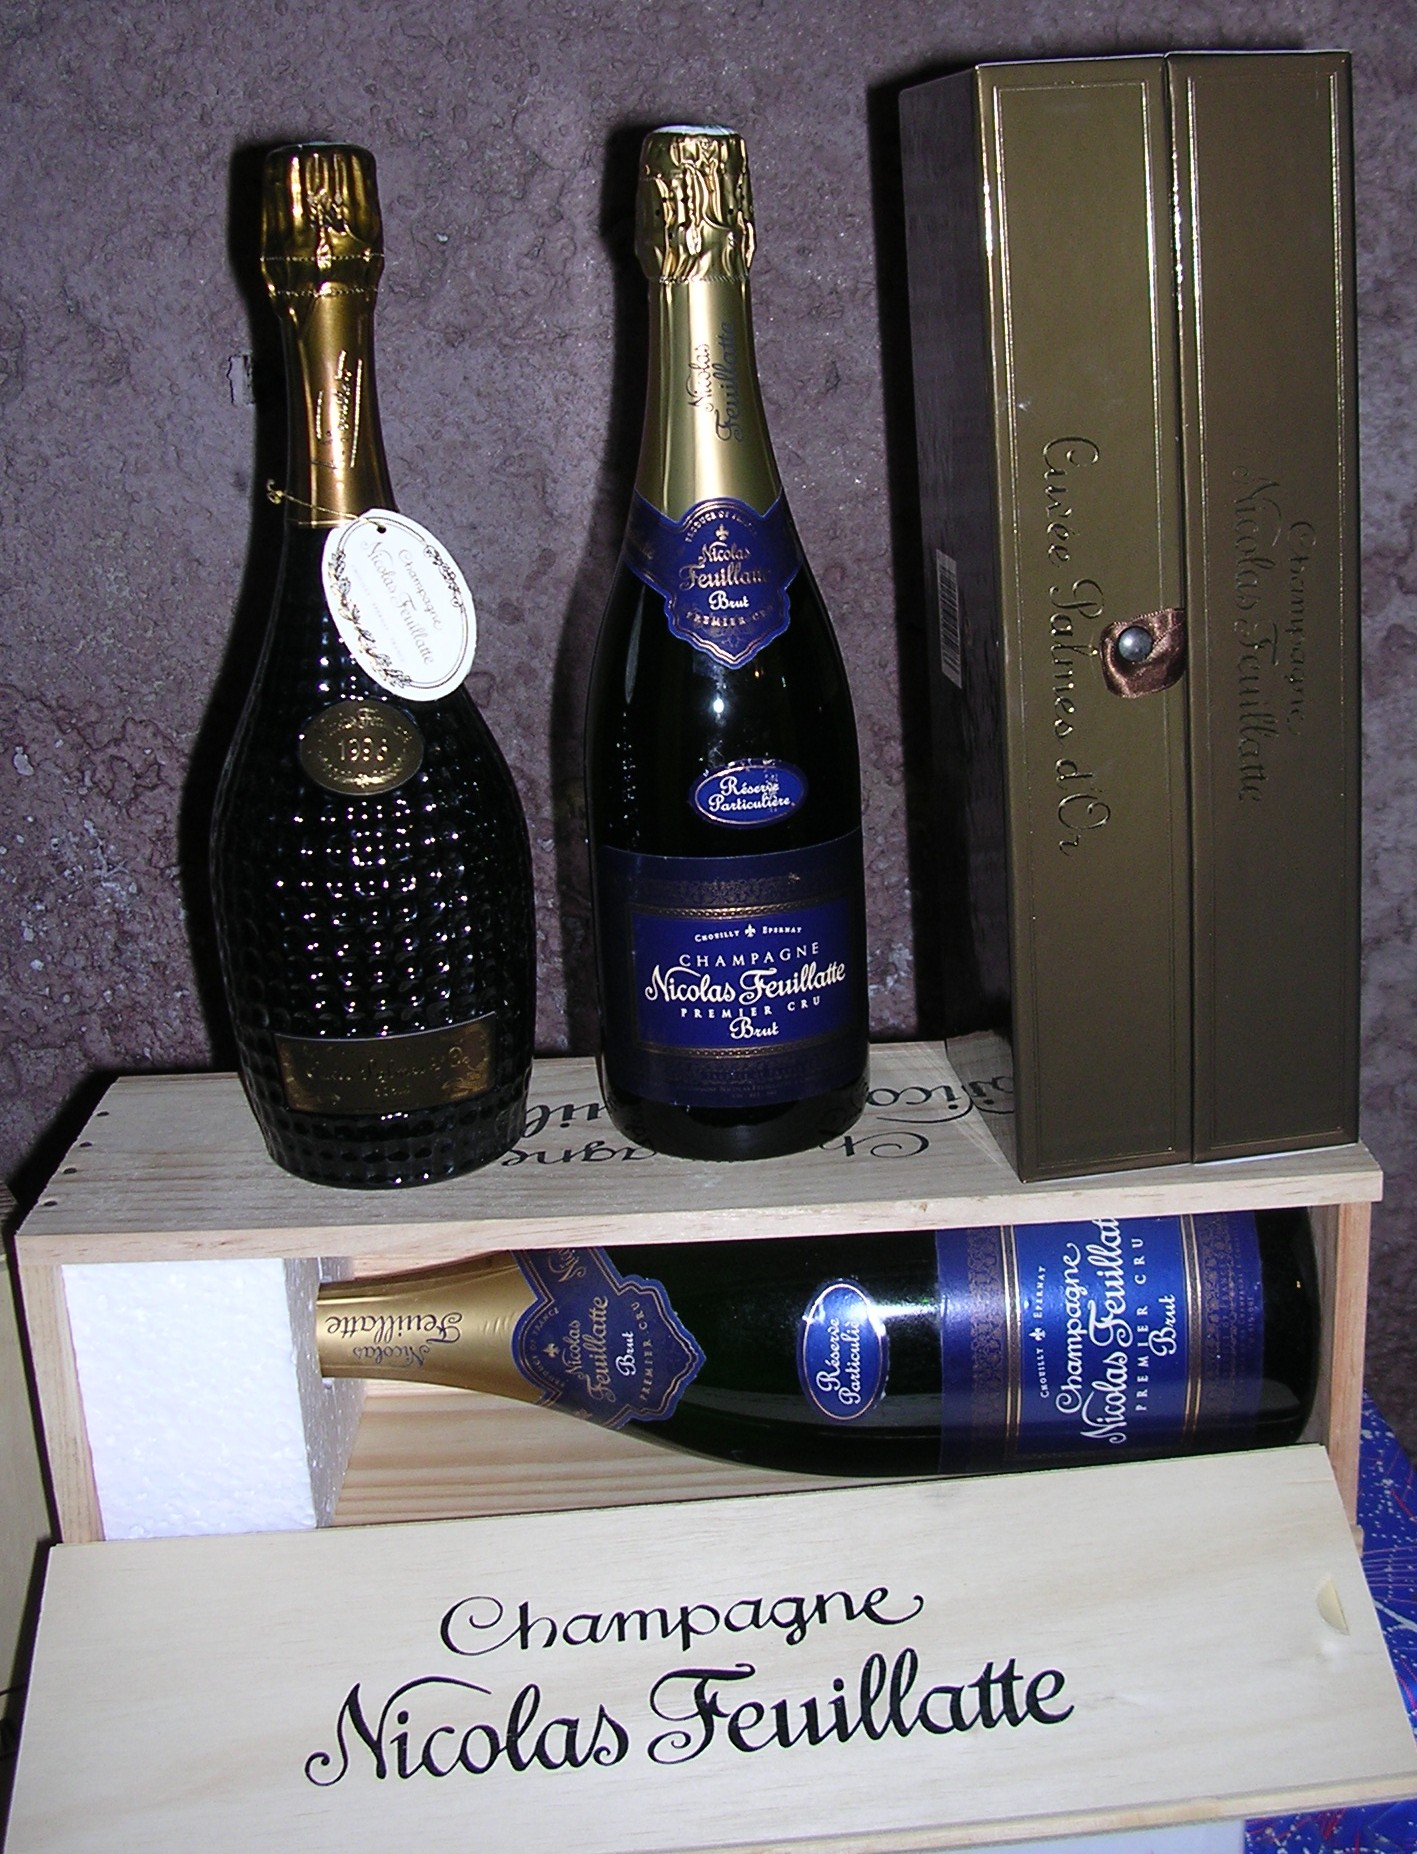 Centre Vinicole Champagne Nicolas Feuillatte Wikipedia